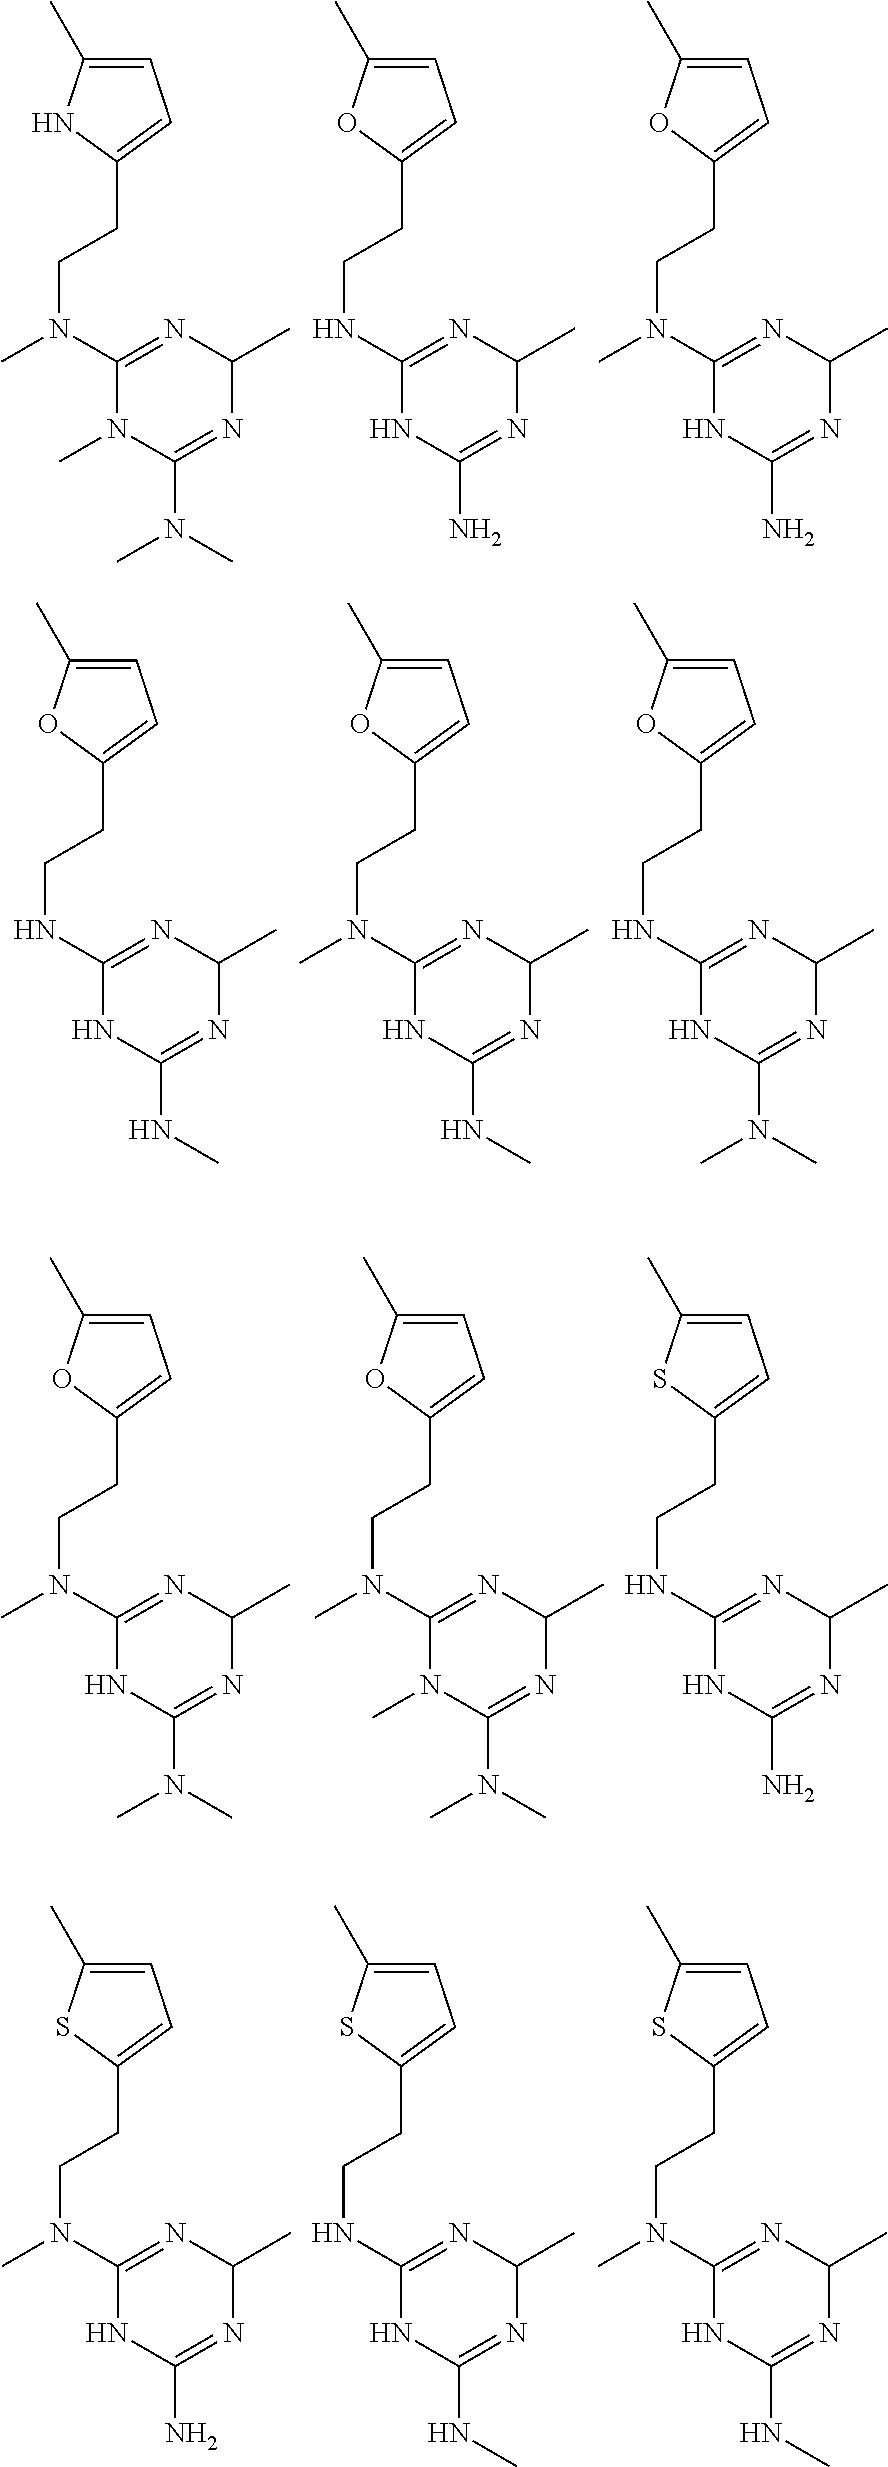 Figure US09480663-20161101-C00202